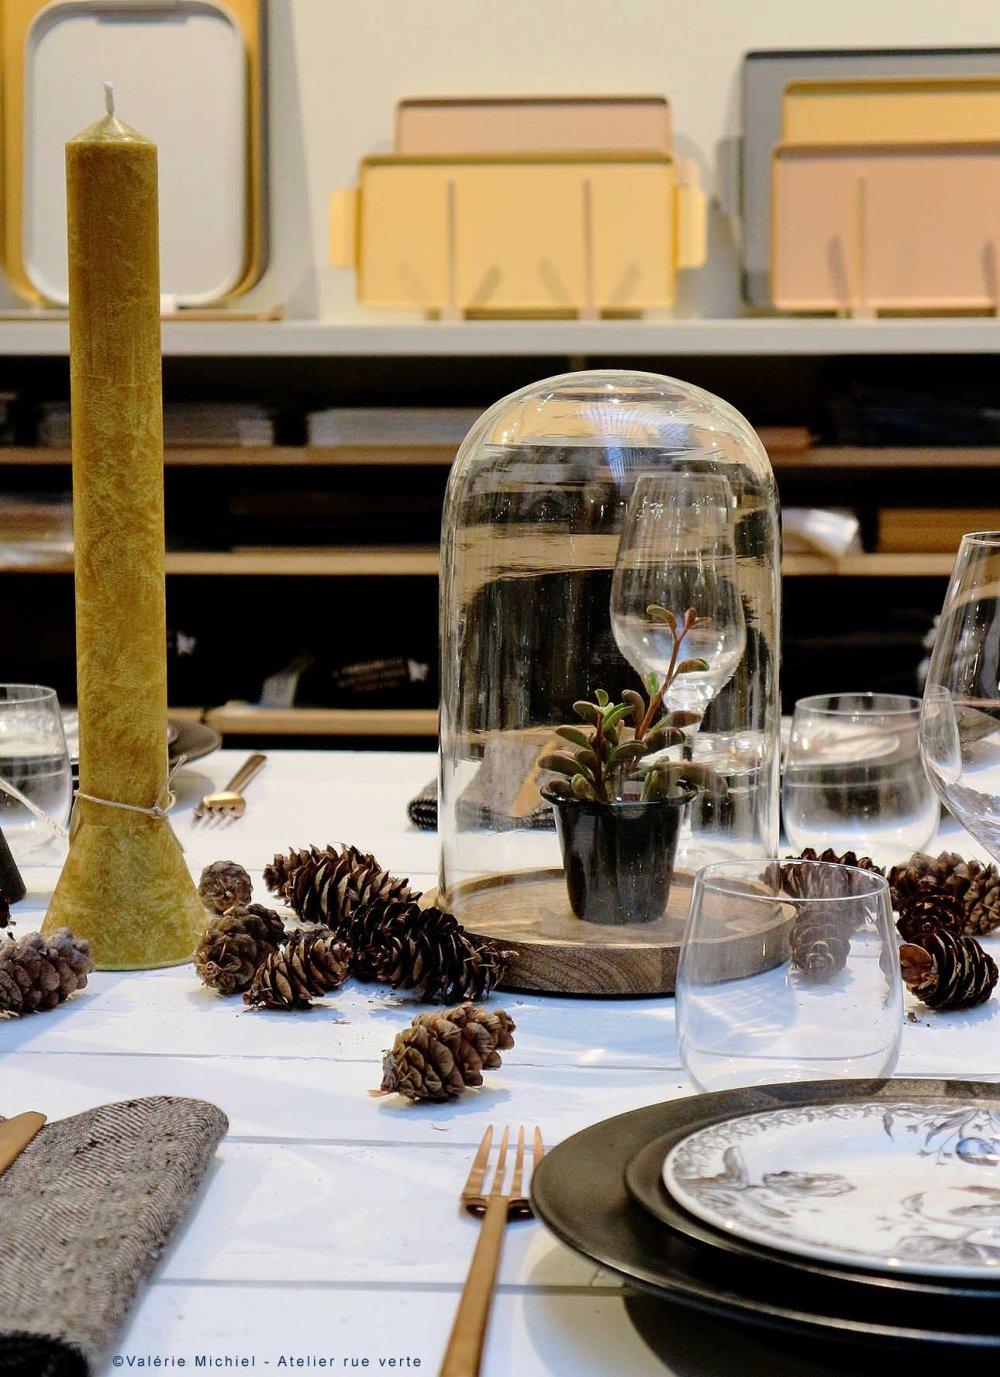 la-table-la-tresorerie-atelier-rue-verte